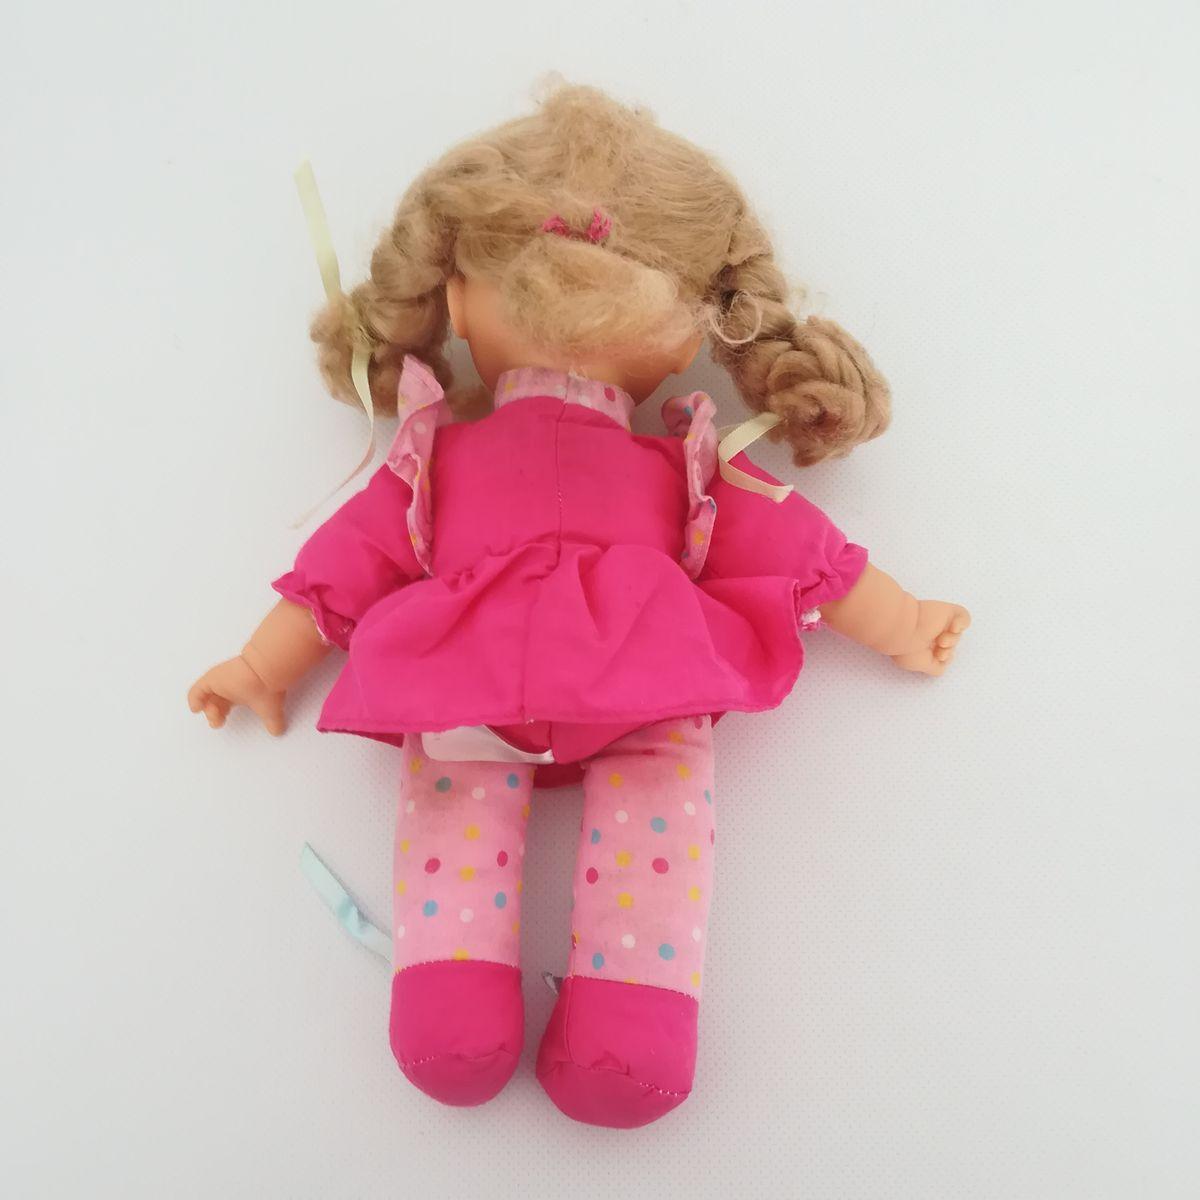 ... Tesco EMMI kék szemű szőke hajú kislány baba pink ruhában ... 991b5f28d3